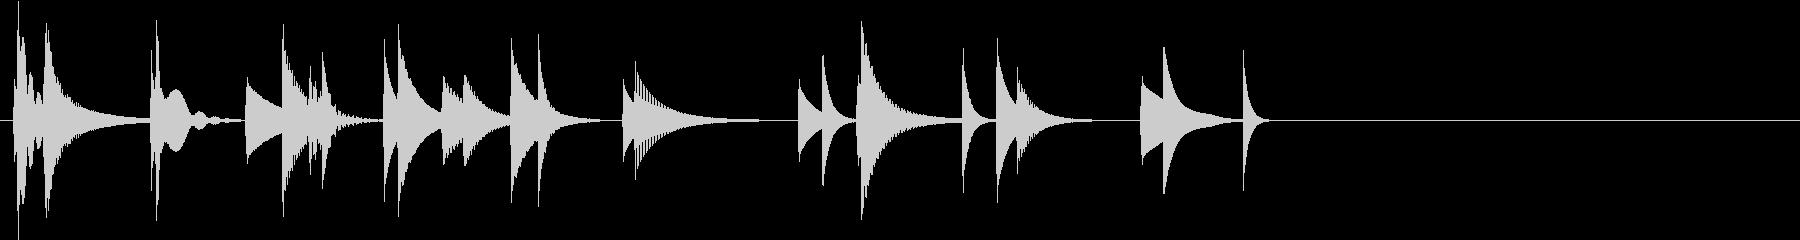 KANTクリックスクロール効果音2088の未再生の波形